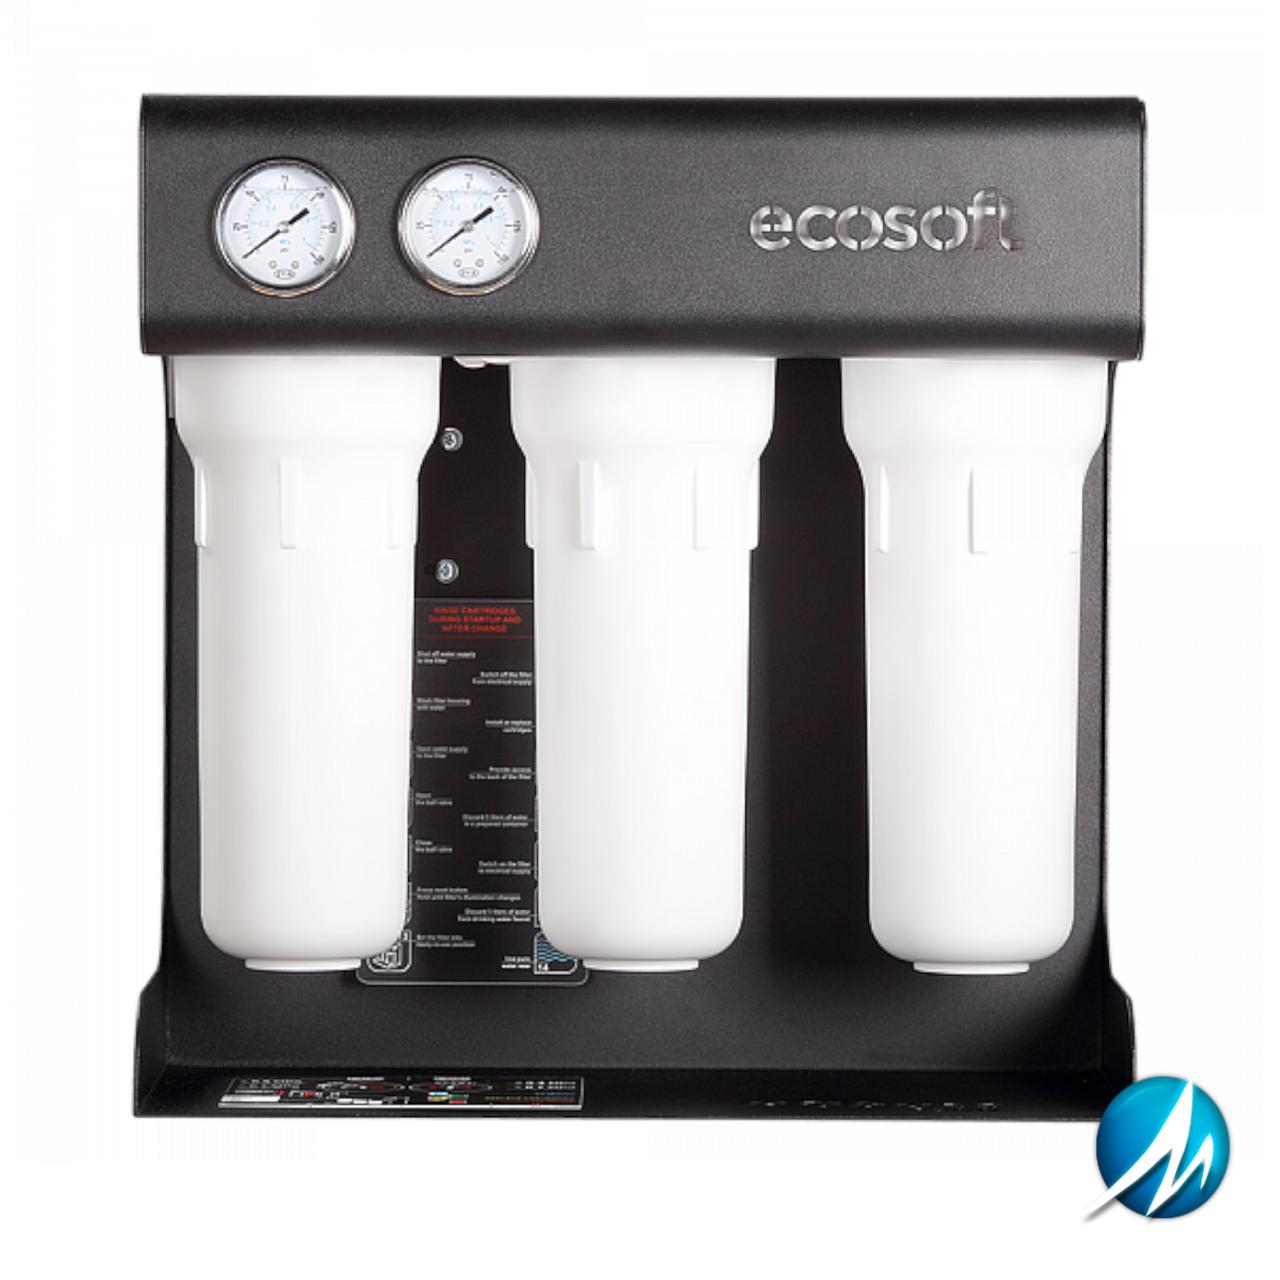 Фильтр обратного осмоса Ecosoft Rоbust 1500